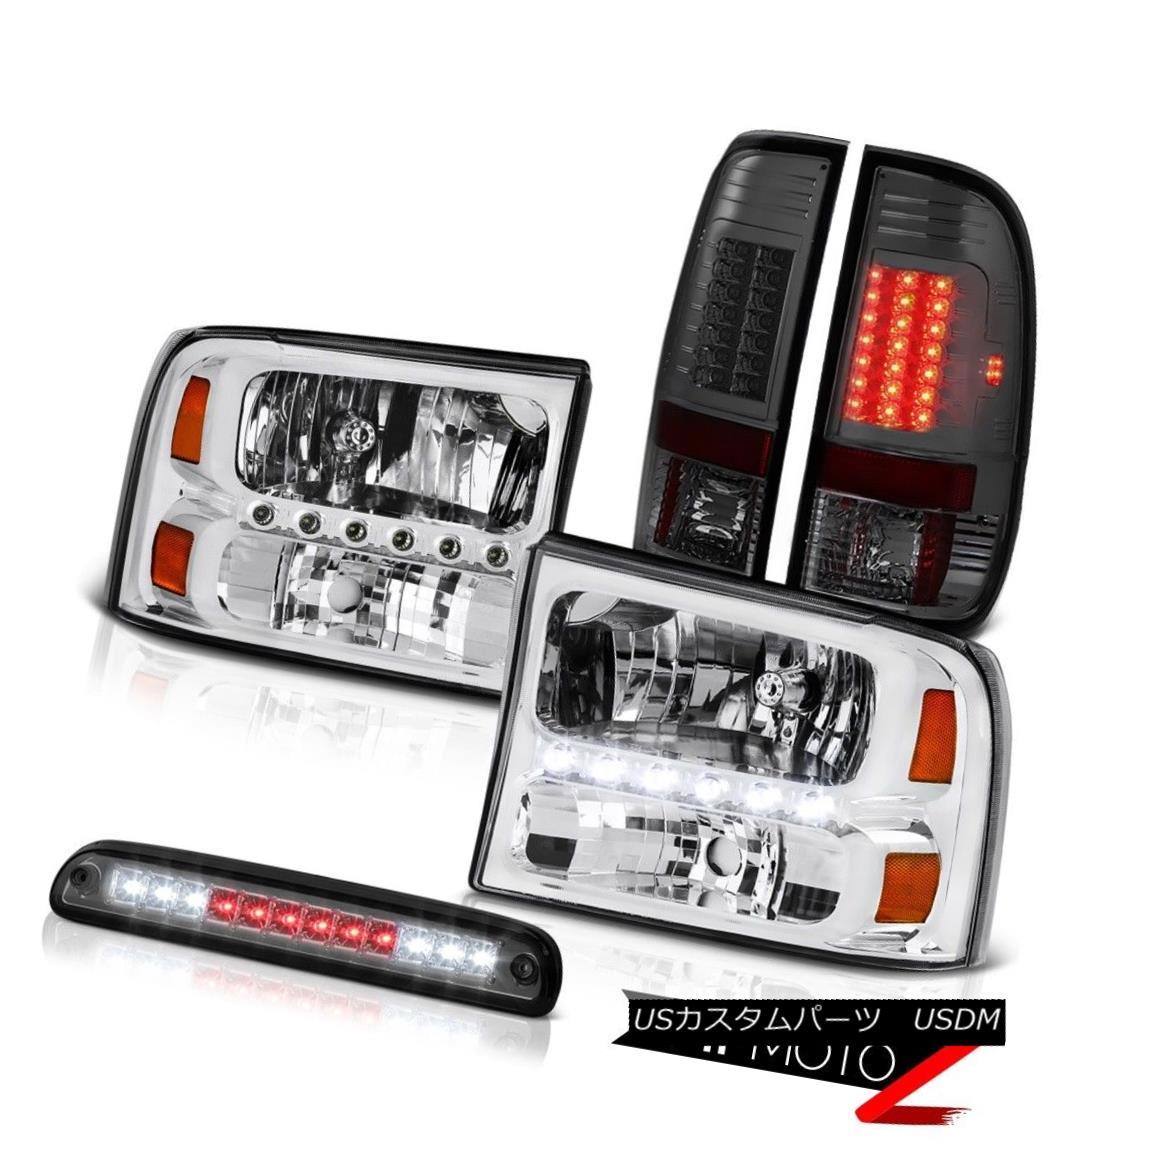 テールライト Clear Headlamps Stop LED Smoke Dark Brake Tail Light 99 00 01 02 03 04 F250 6.8L クリアヘッドランプストップLEDスモークダークブレーキテールライト99 00 01 02 03 04 F250 6.8L